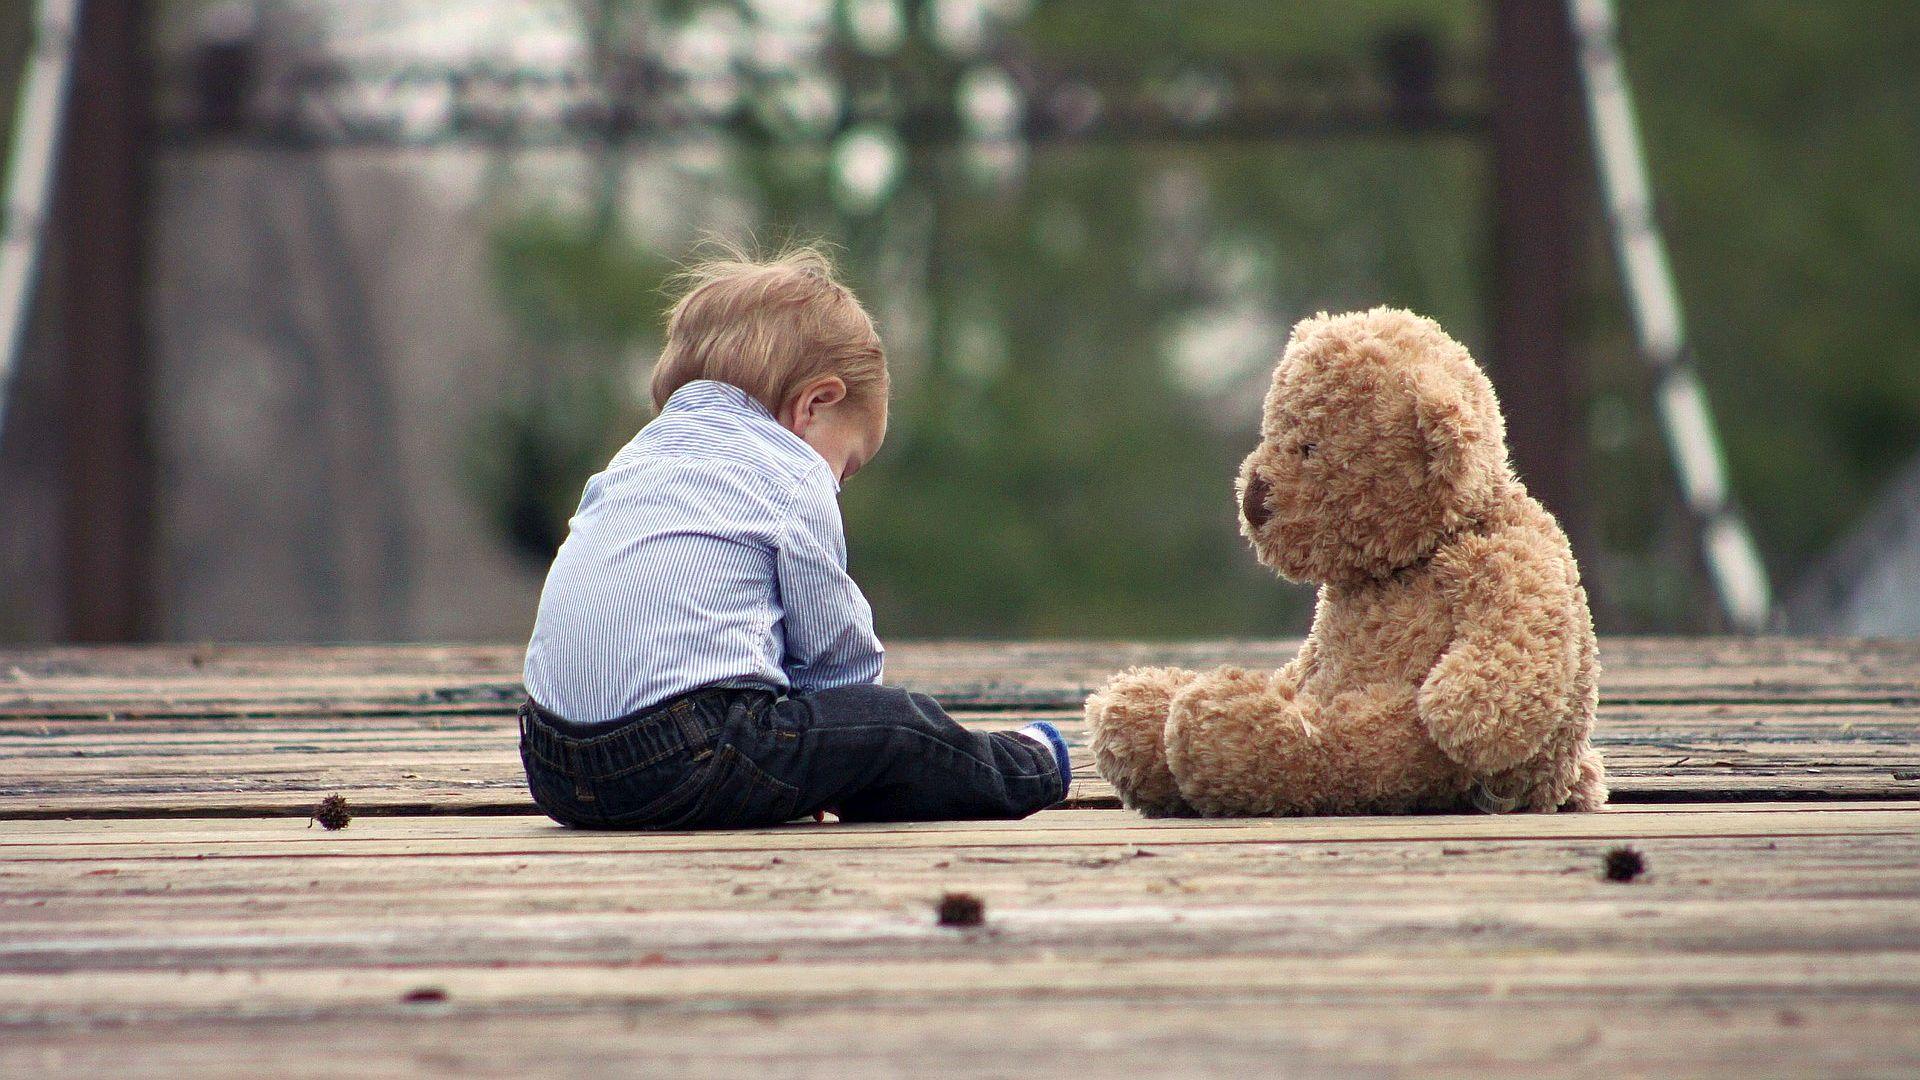 Gemeenten en professionals richten zich te weinig op preventie en specifieke en collectieve ondersteuning van ouders en kinderen in de eerste 1.000 dagen.